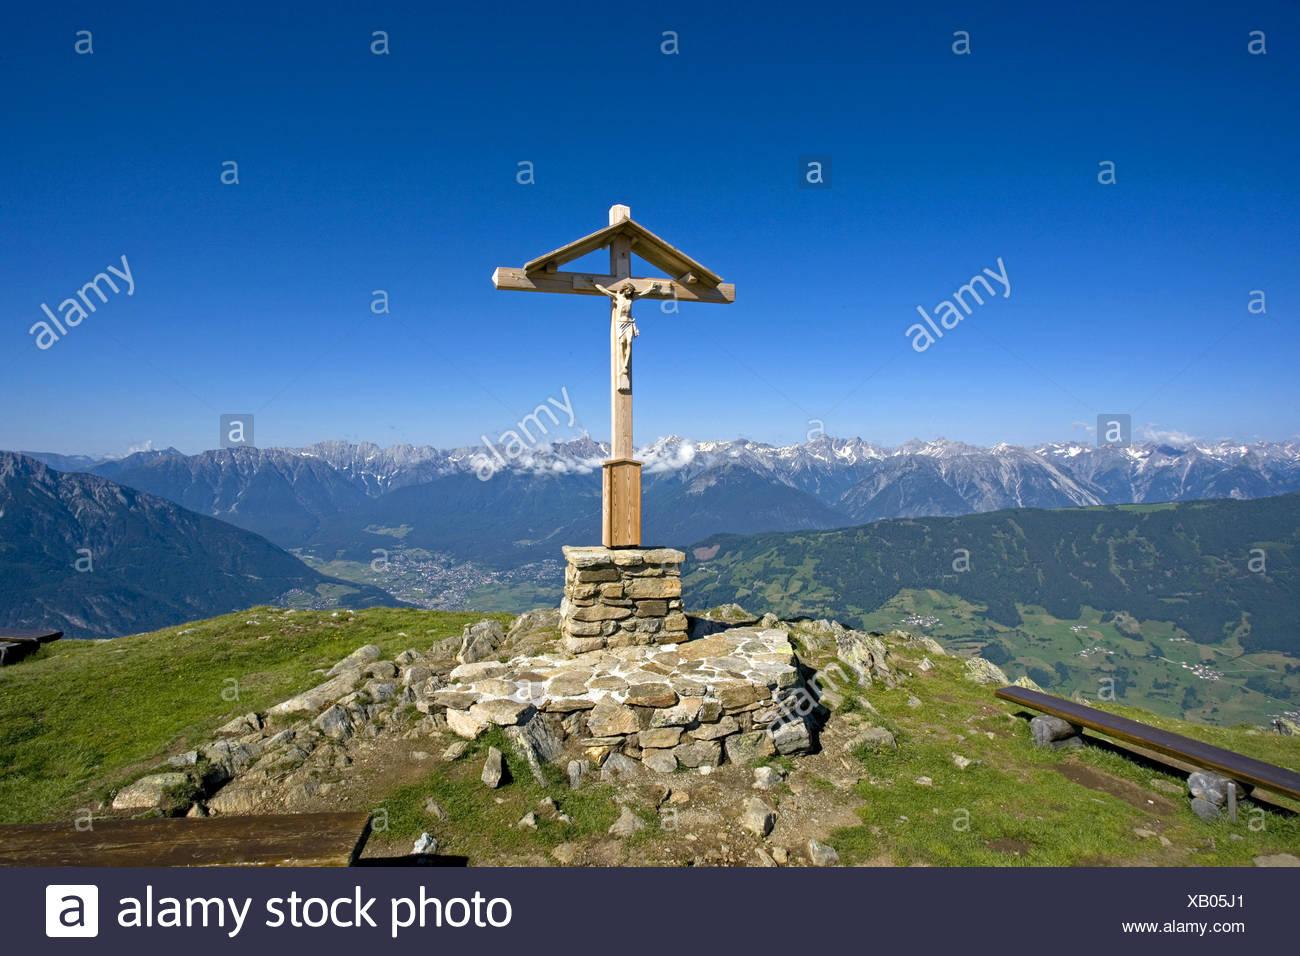 Bildausschnitt, Christus, Detail, Details, Gipfel, Gipfelkreuz, Gipfelkreuze, Glaube, Holz, Jesus, Kreuz, Kreuze, Kruzifix, Naha - Stock Image